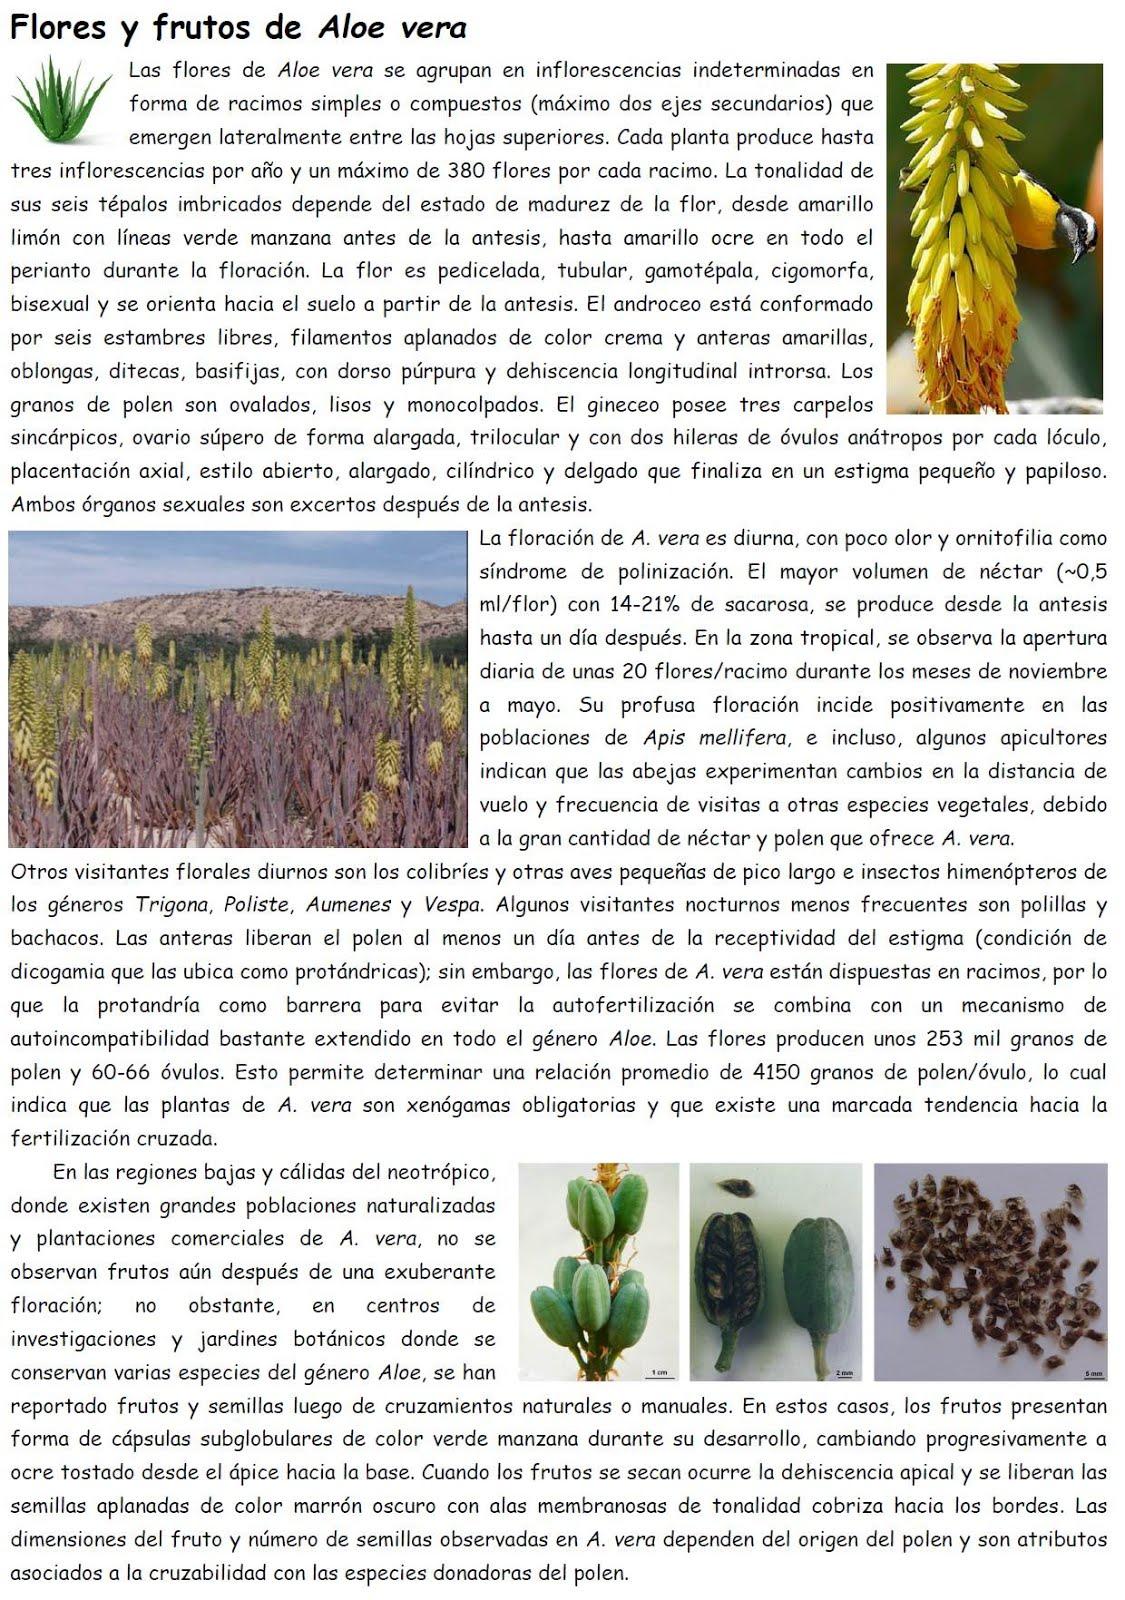 Flores & Frutos de Aloe vera